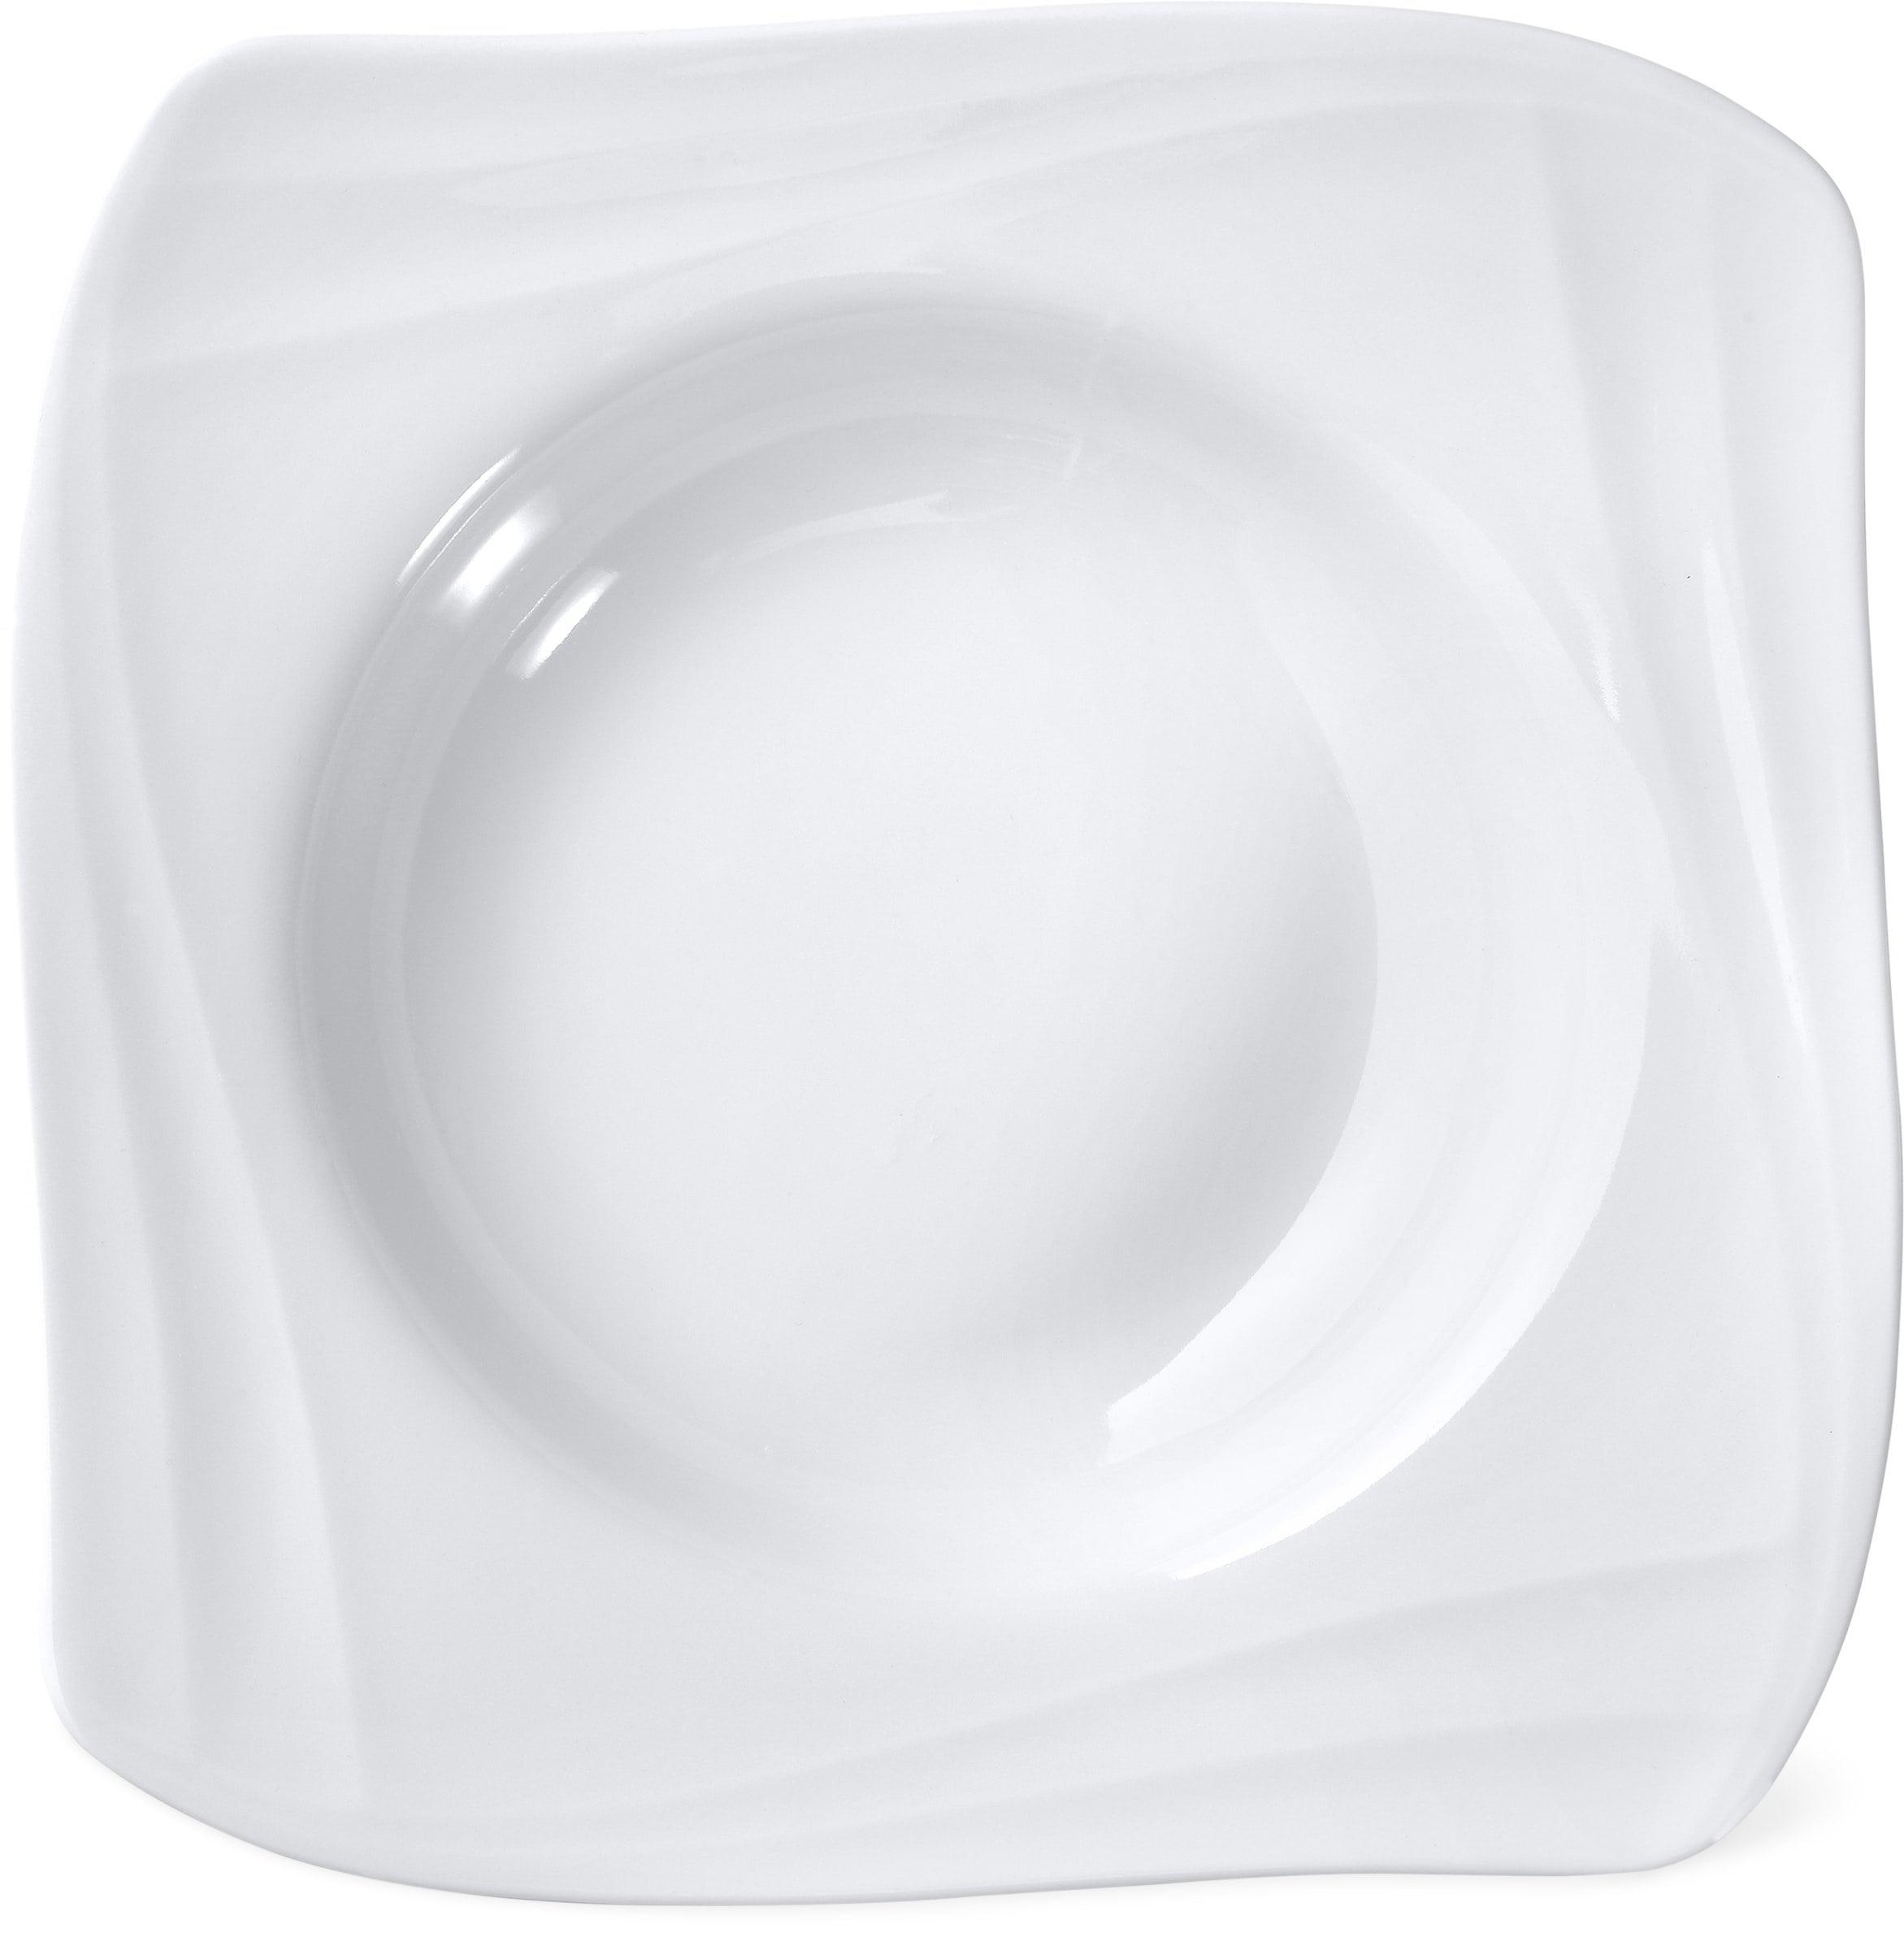 Cucina & Tavola VANITY Piatto fondo